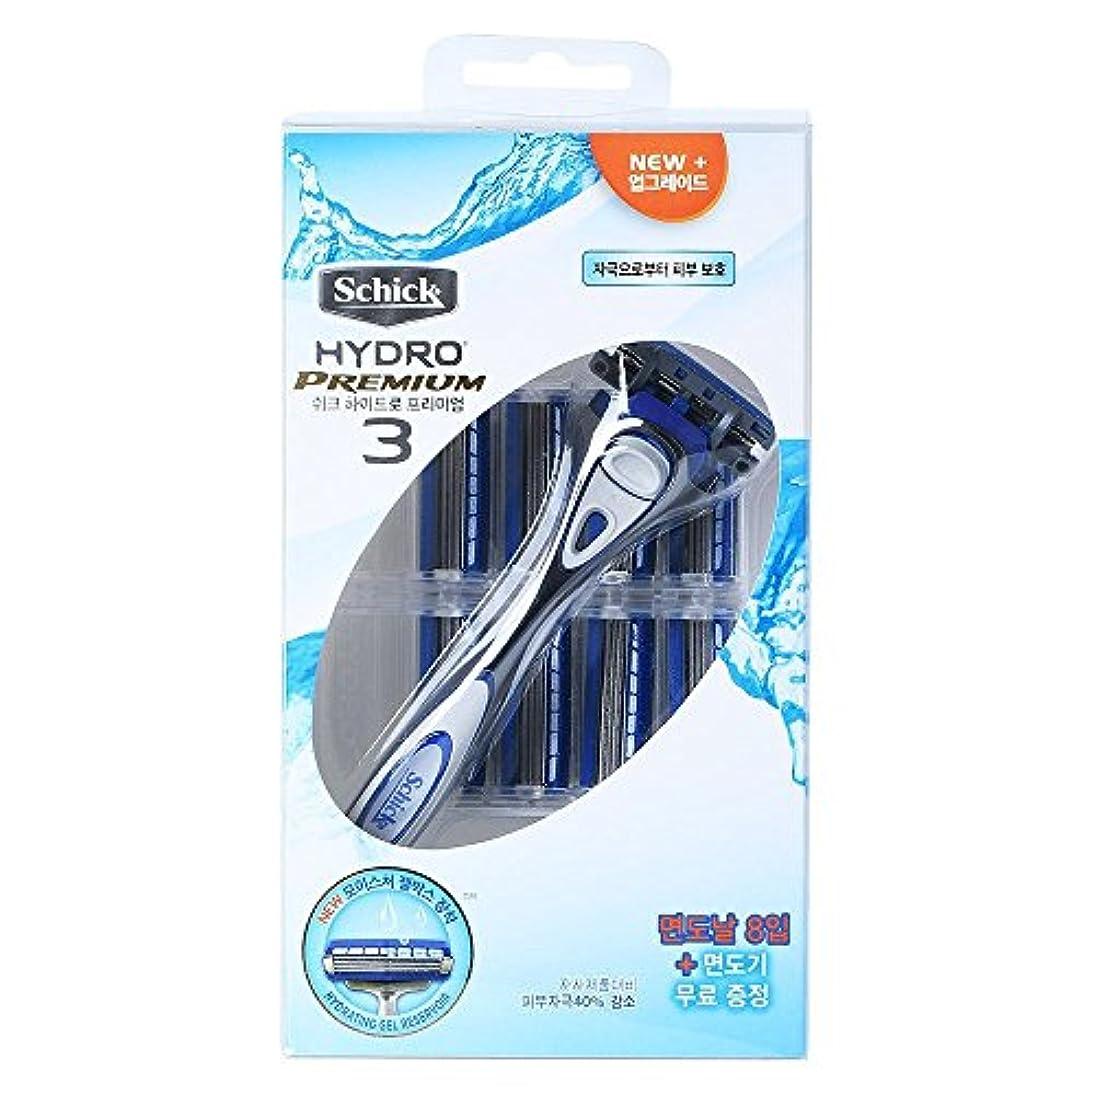 ジョリースーツケース溶けたSchick HYDRO 3 Premium Shaving 1つの剃刀と9つのカートリッジリフィル [並行輸入品]